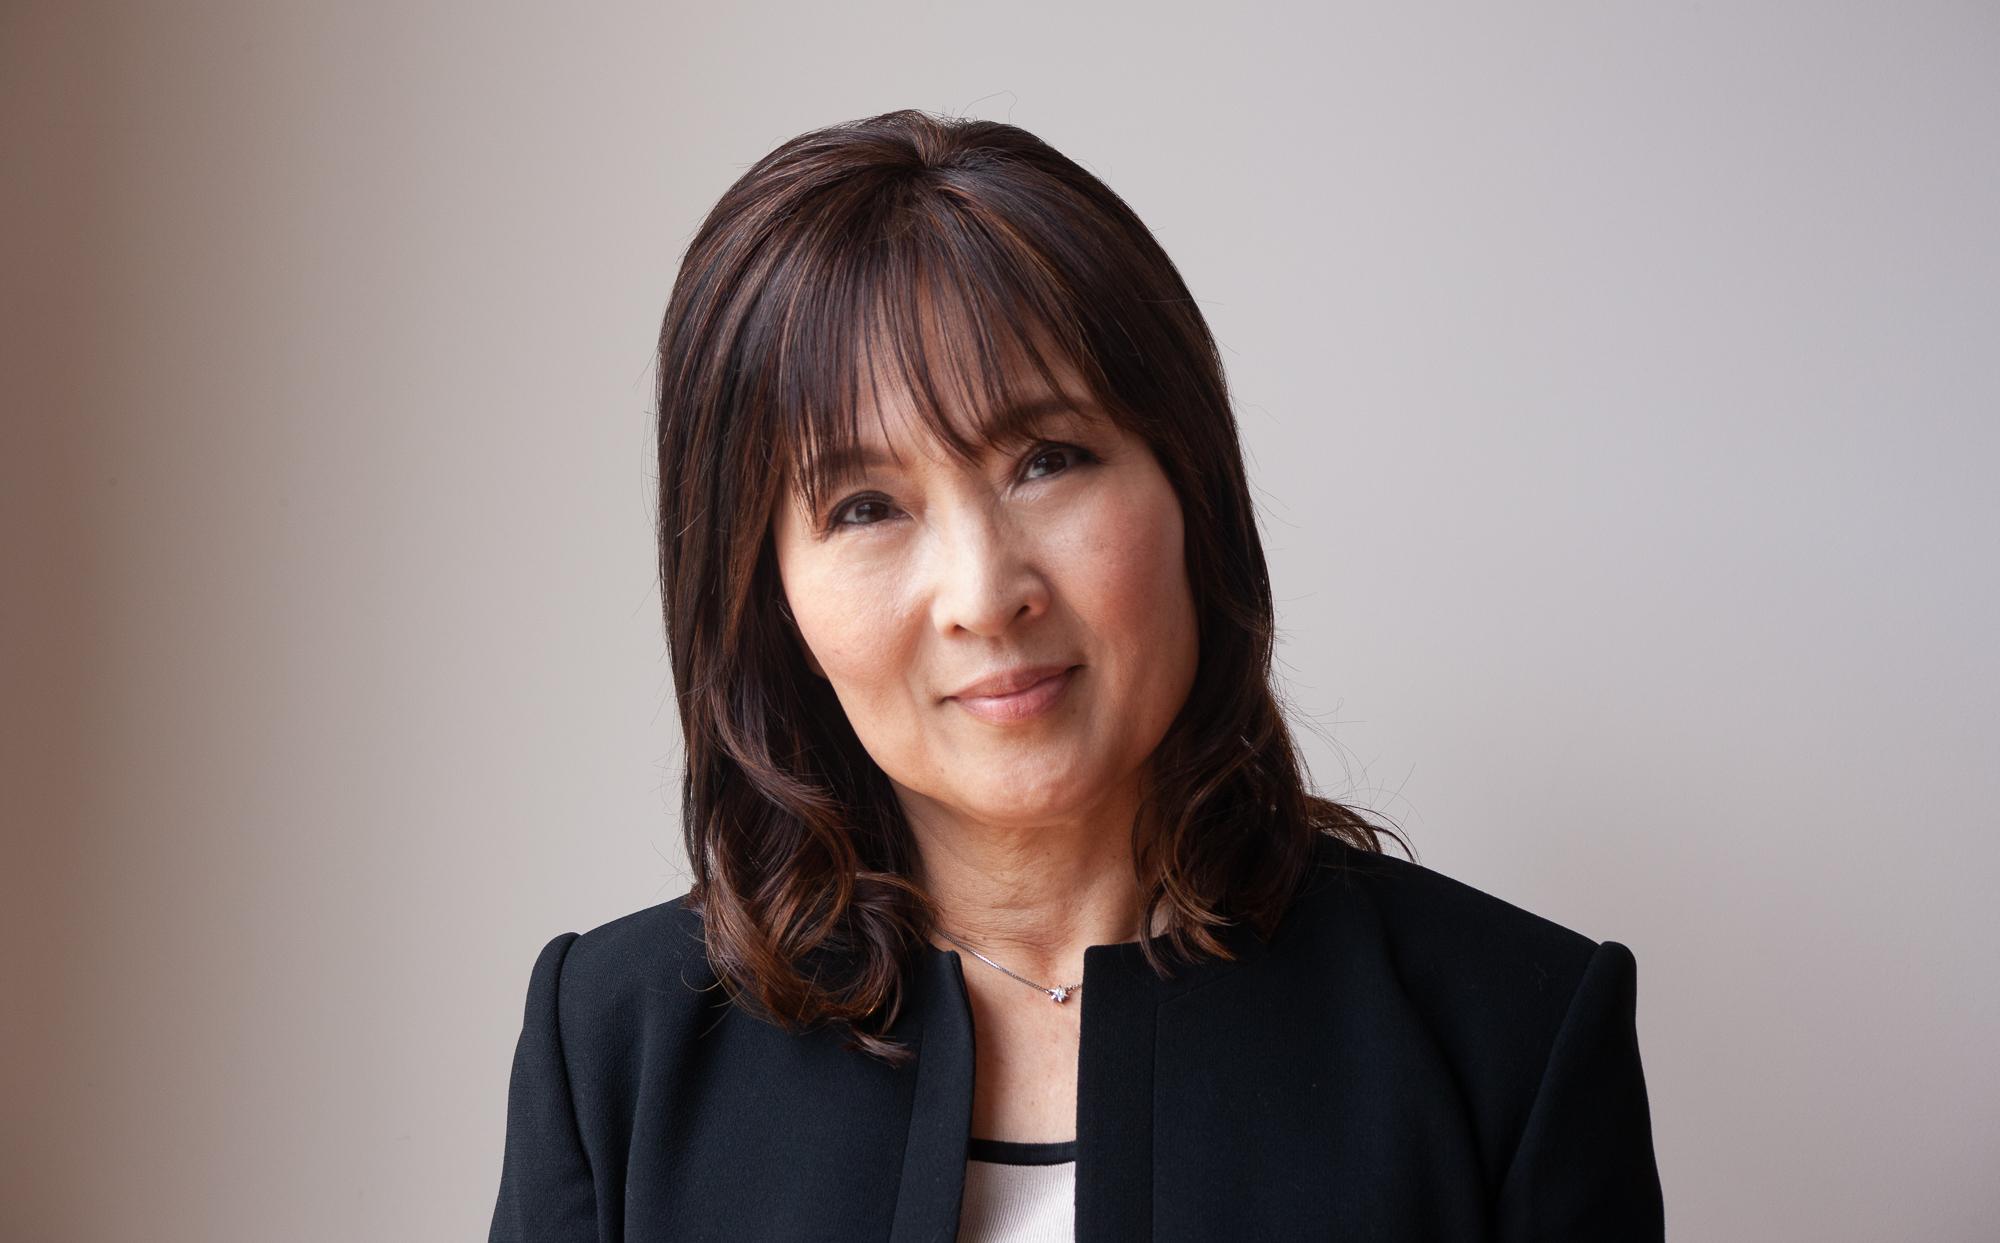 Reiko Fujisawa 094 (credit Lucinda Douglas-Menzies)